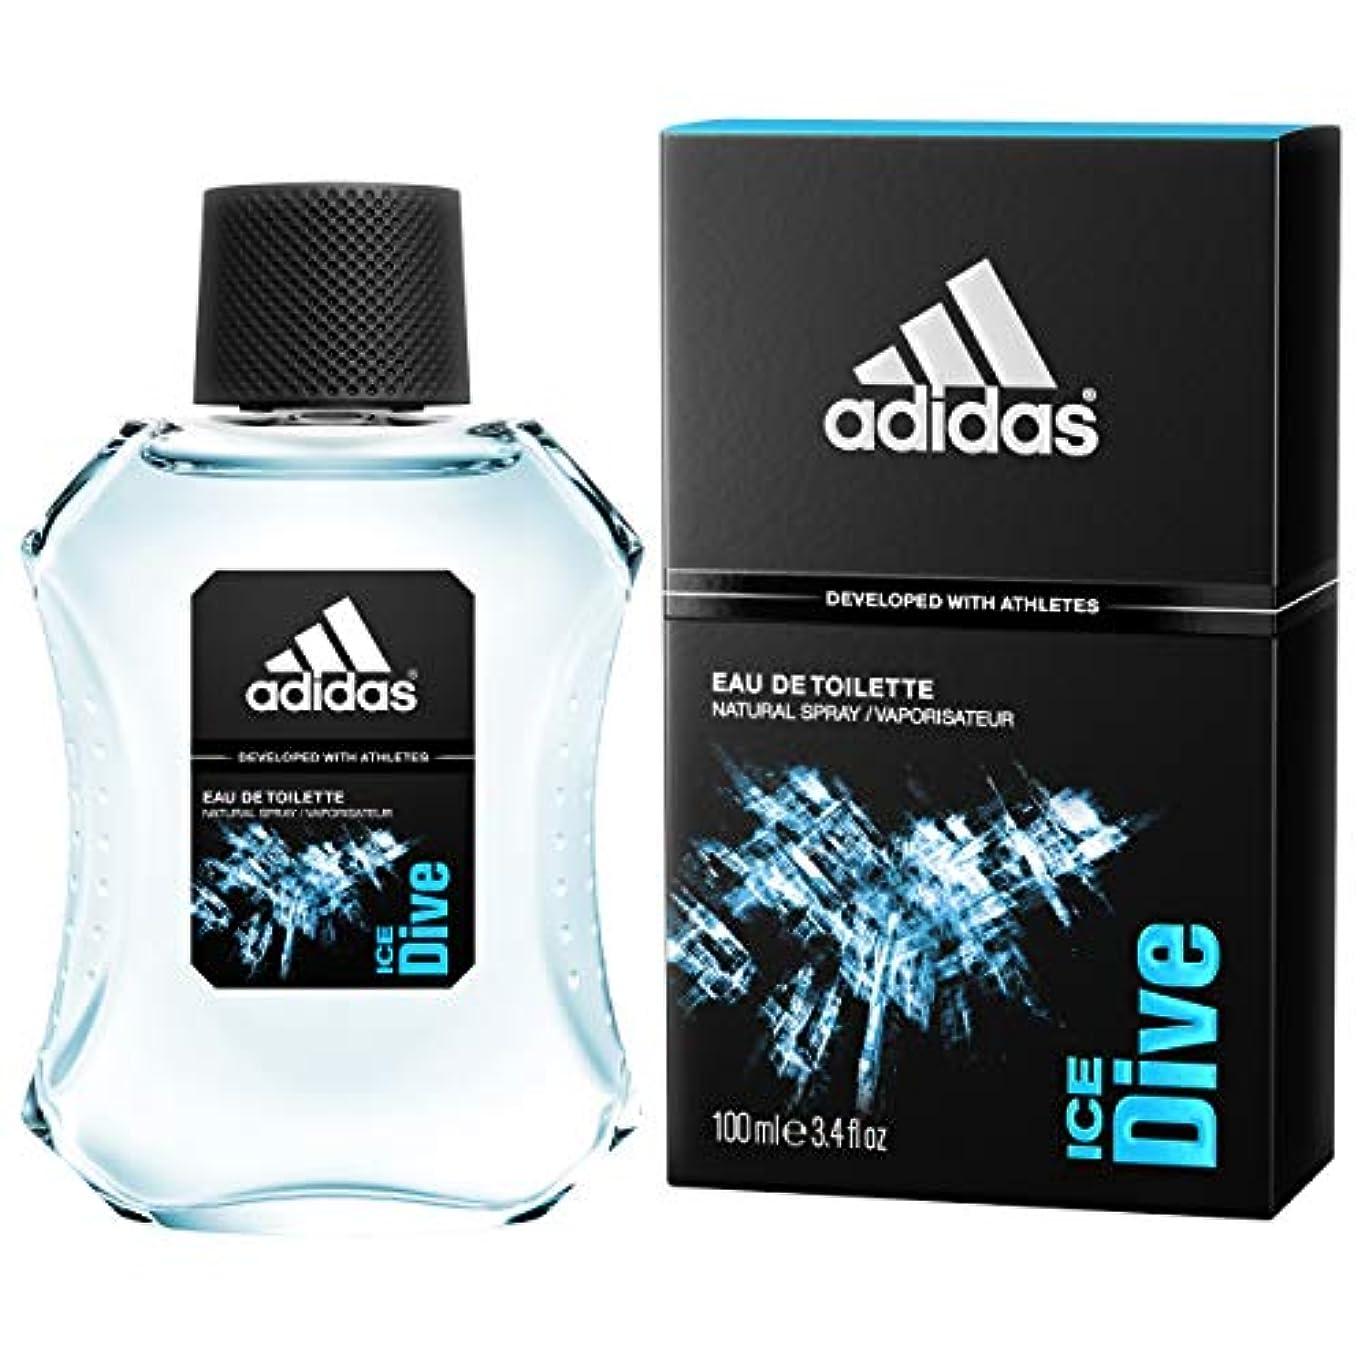 嫌い勝利した農場adidas(アディダス) アディダス アイス ダイブ EDT 100ml(並行輸入品) シトラス?グリーン?ノート